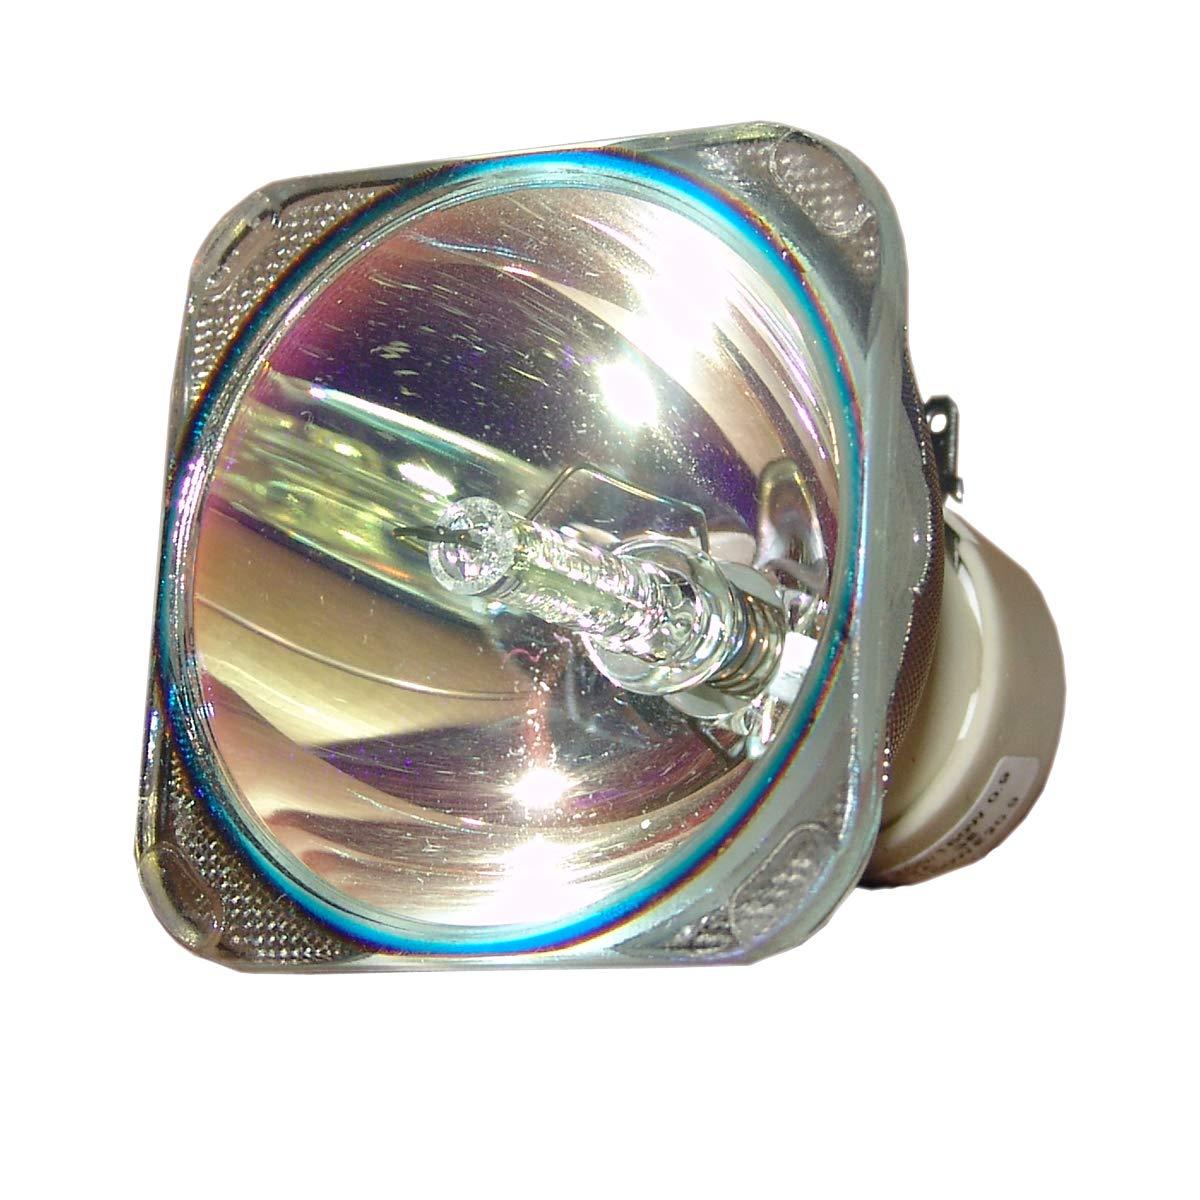 SpArc プロジェクター交換用ランプ 囲い/電球付き Viewsonic PJD6355用 Platinum (Brighter/Durable) Platinum (Brighter/Durable) Lamp Only B07MPR7KB5